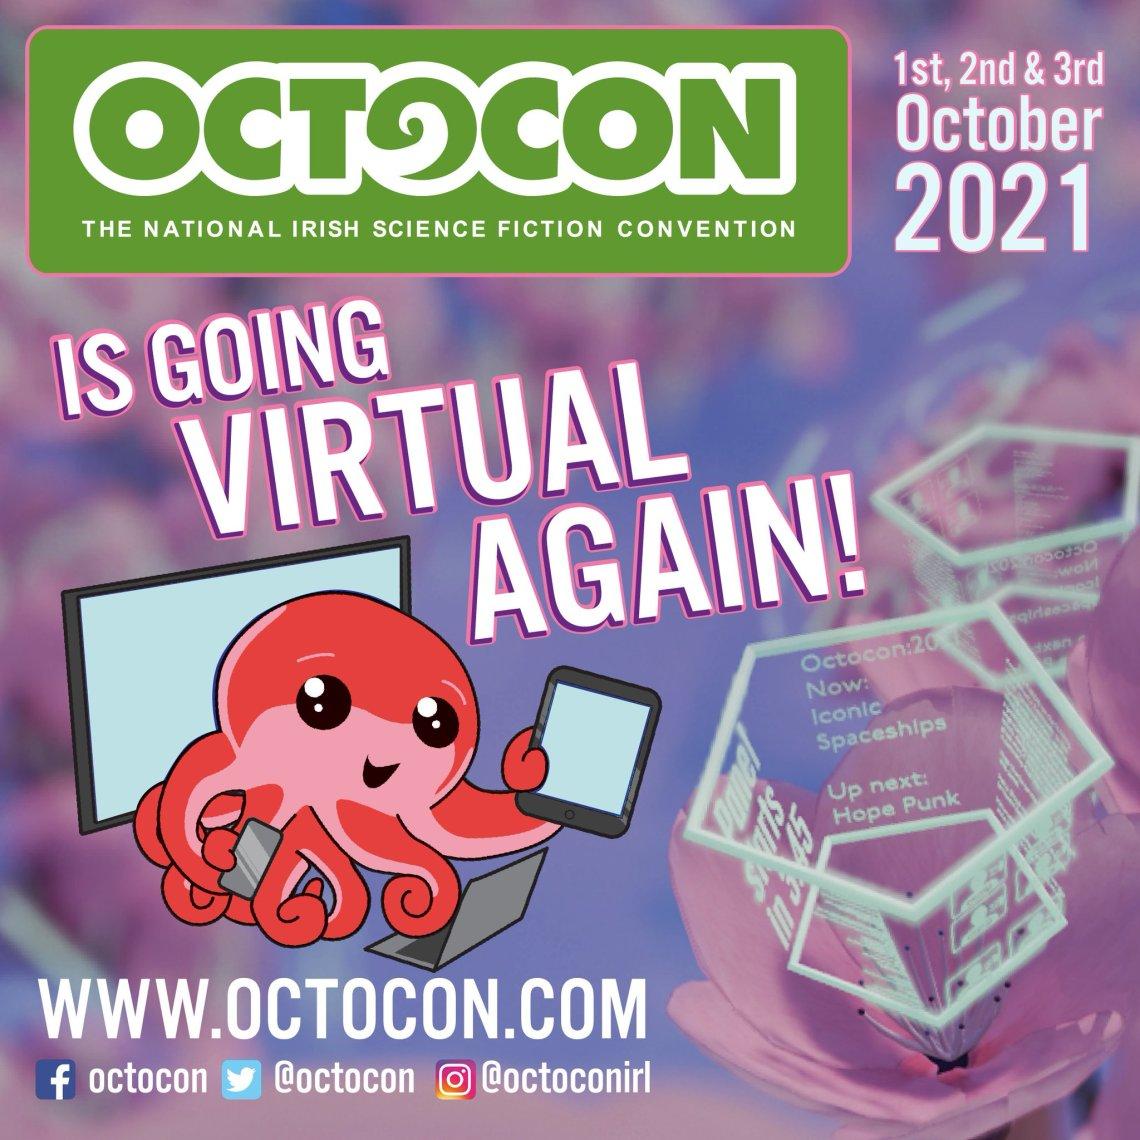 Octocon 2021